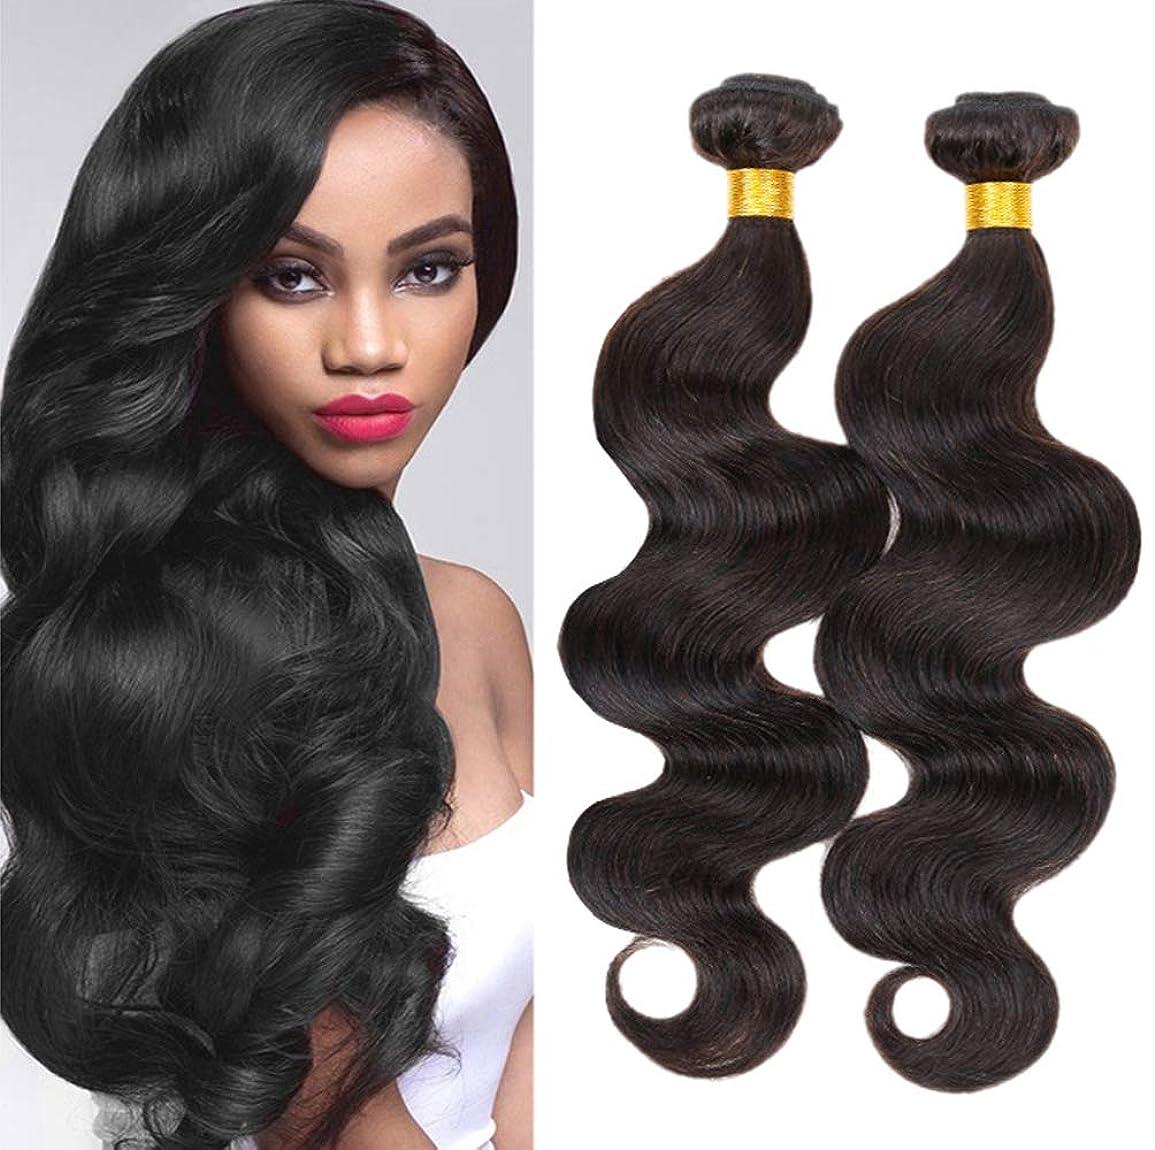 欠如省略押す女性の髪織り未処理の実体波髪1バンドルマレーシア100%本物の人間の髪横糸バージンヘア